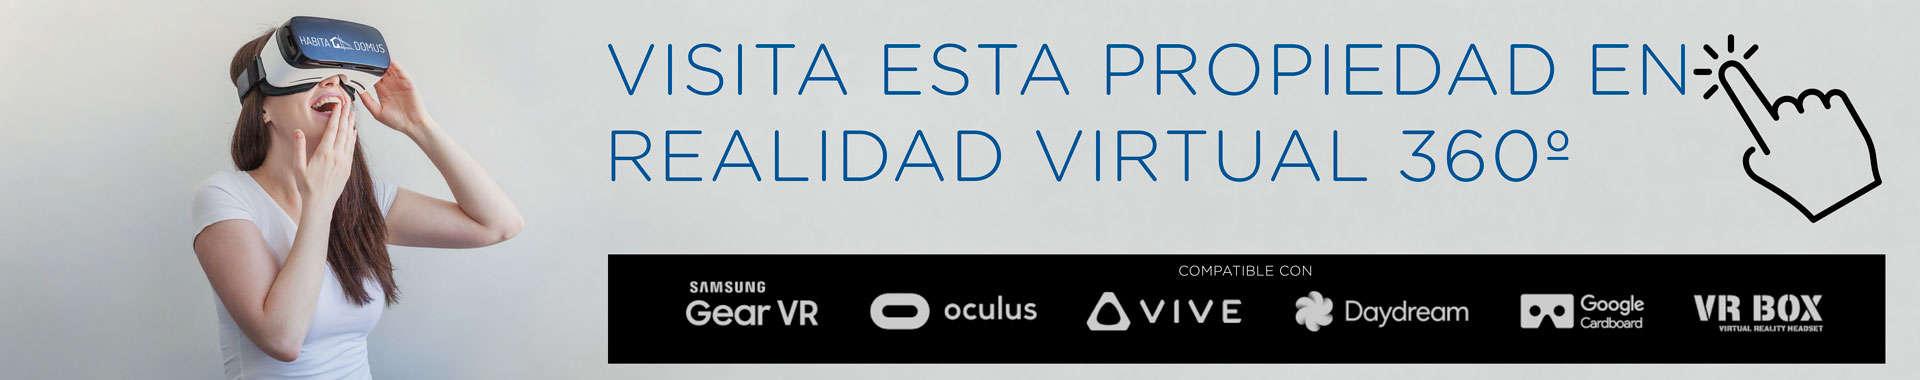 visita-esta-propiedad-en-realidad-virtual